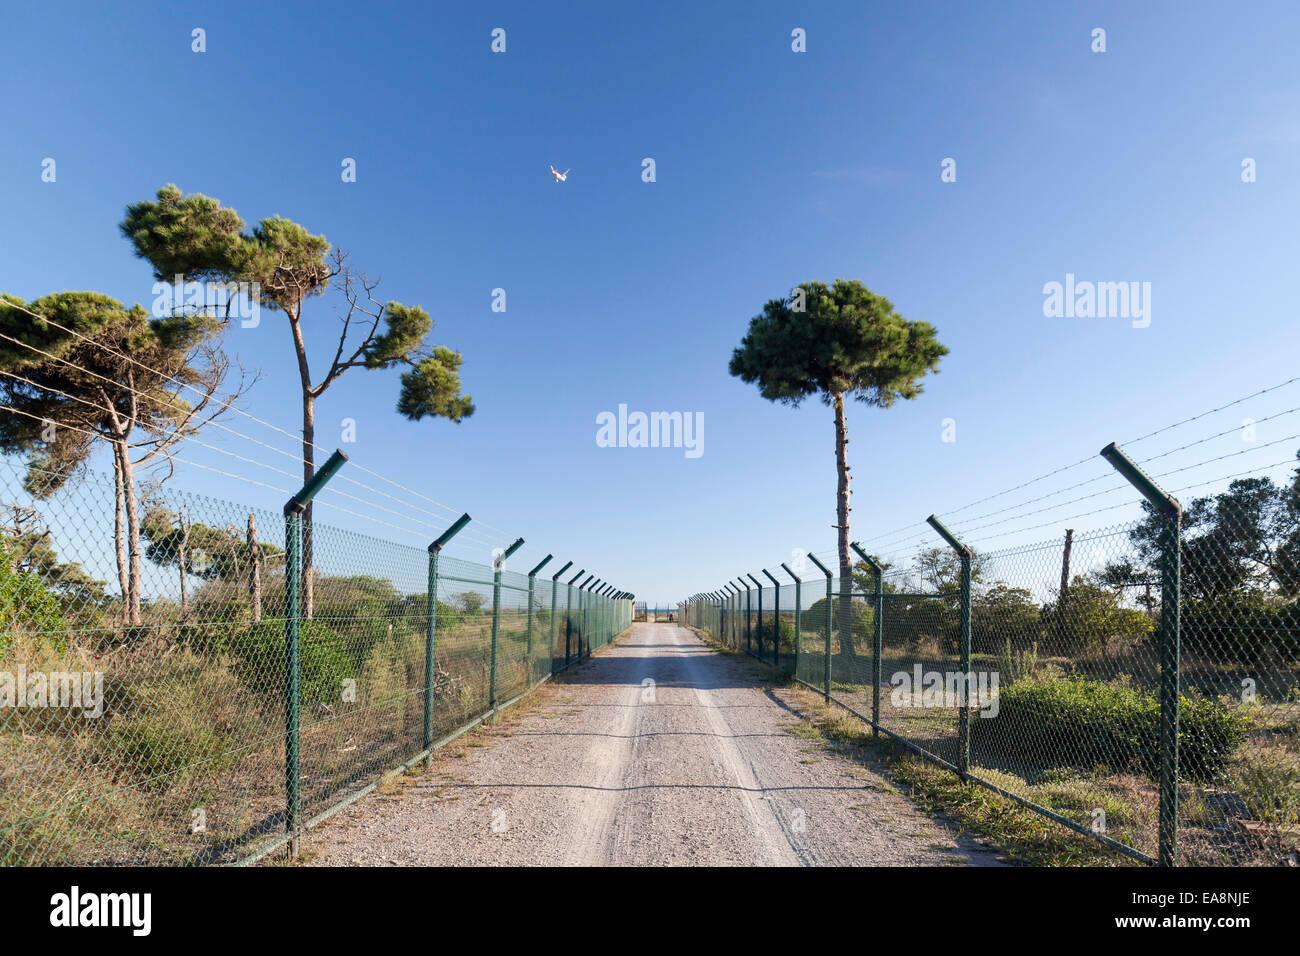 Viladecans. Walk between fences. - Stock Image